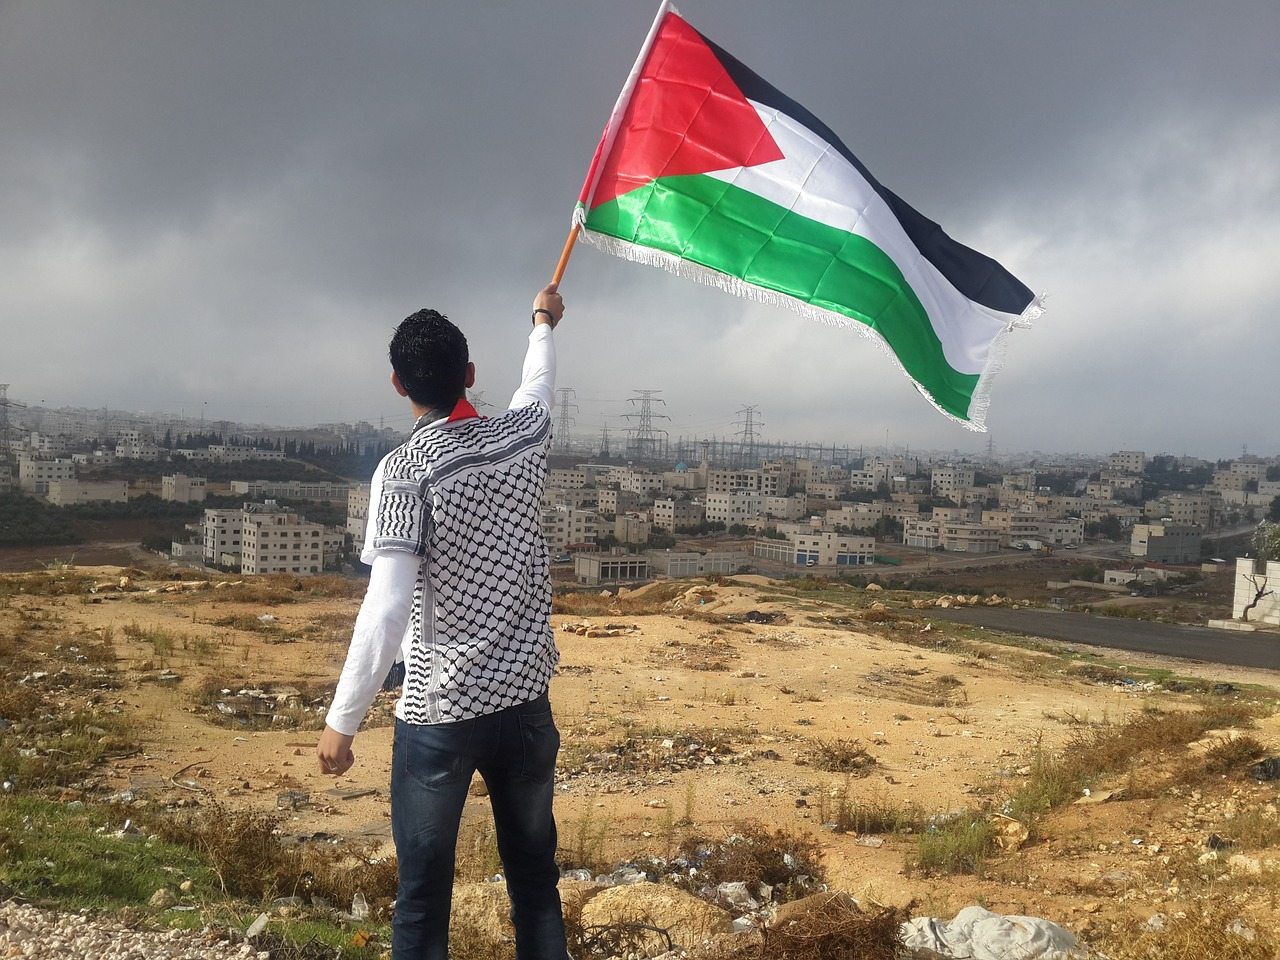 Appel commun d'organisations communistes de jeunesse pour la journée commune d'action et de solidarité avec le peuple palestinien